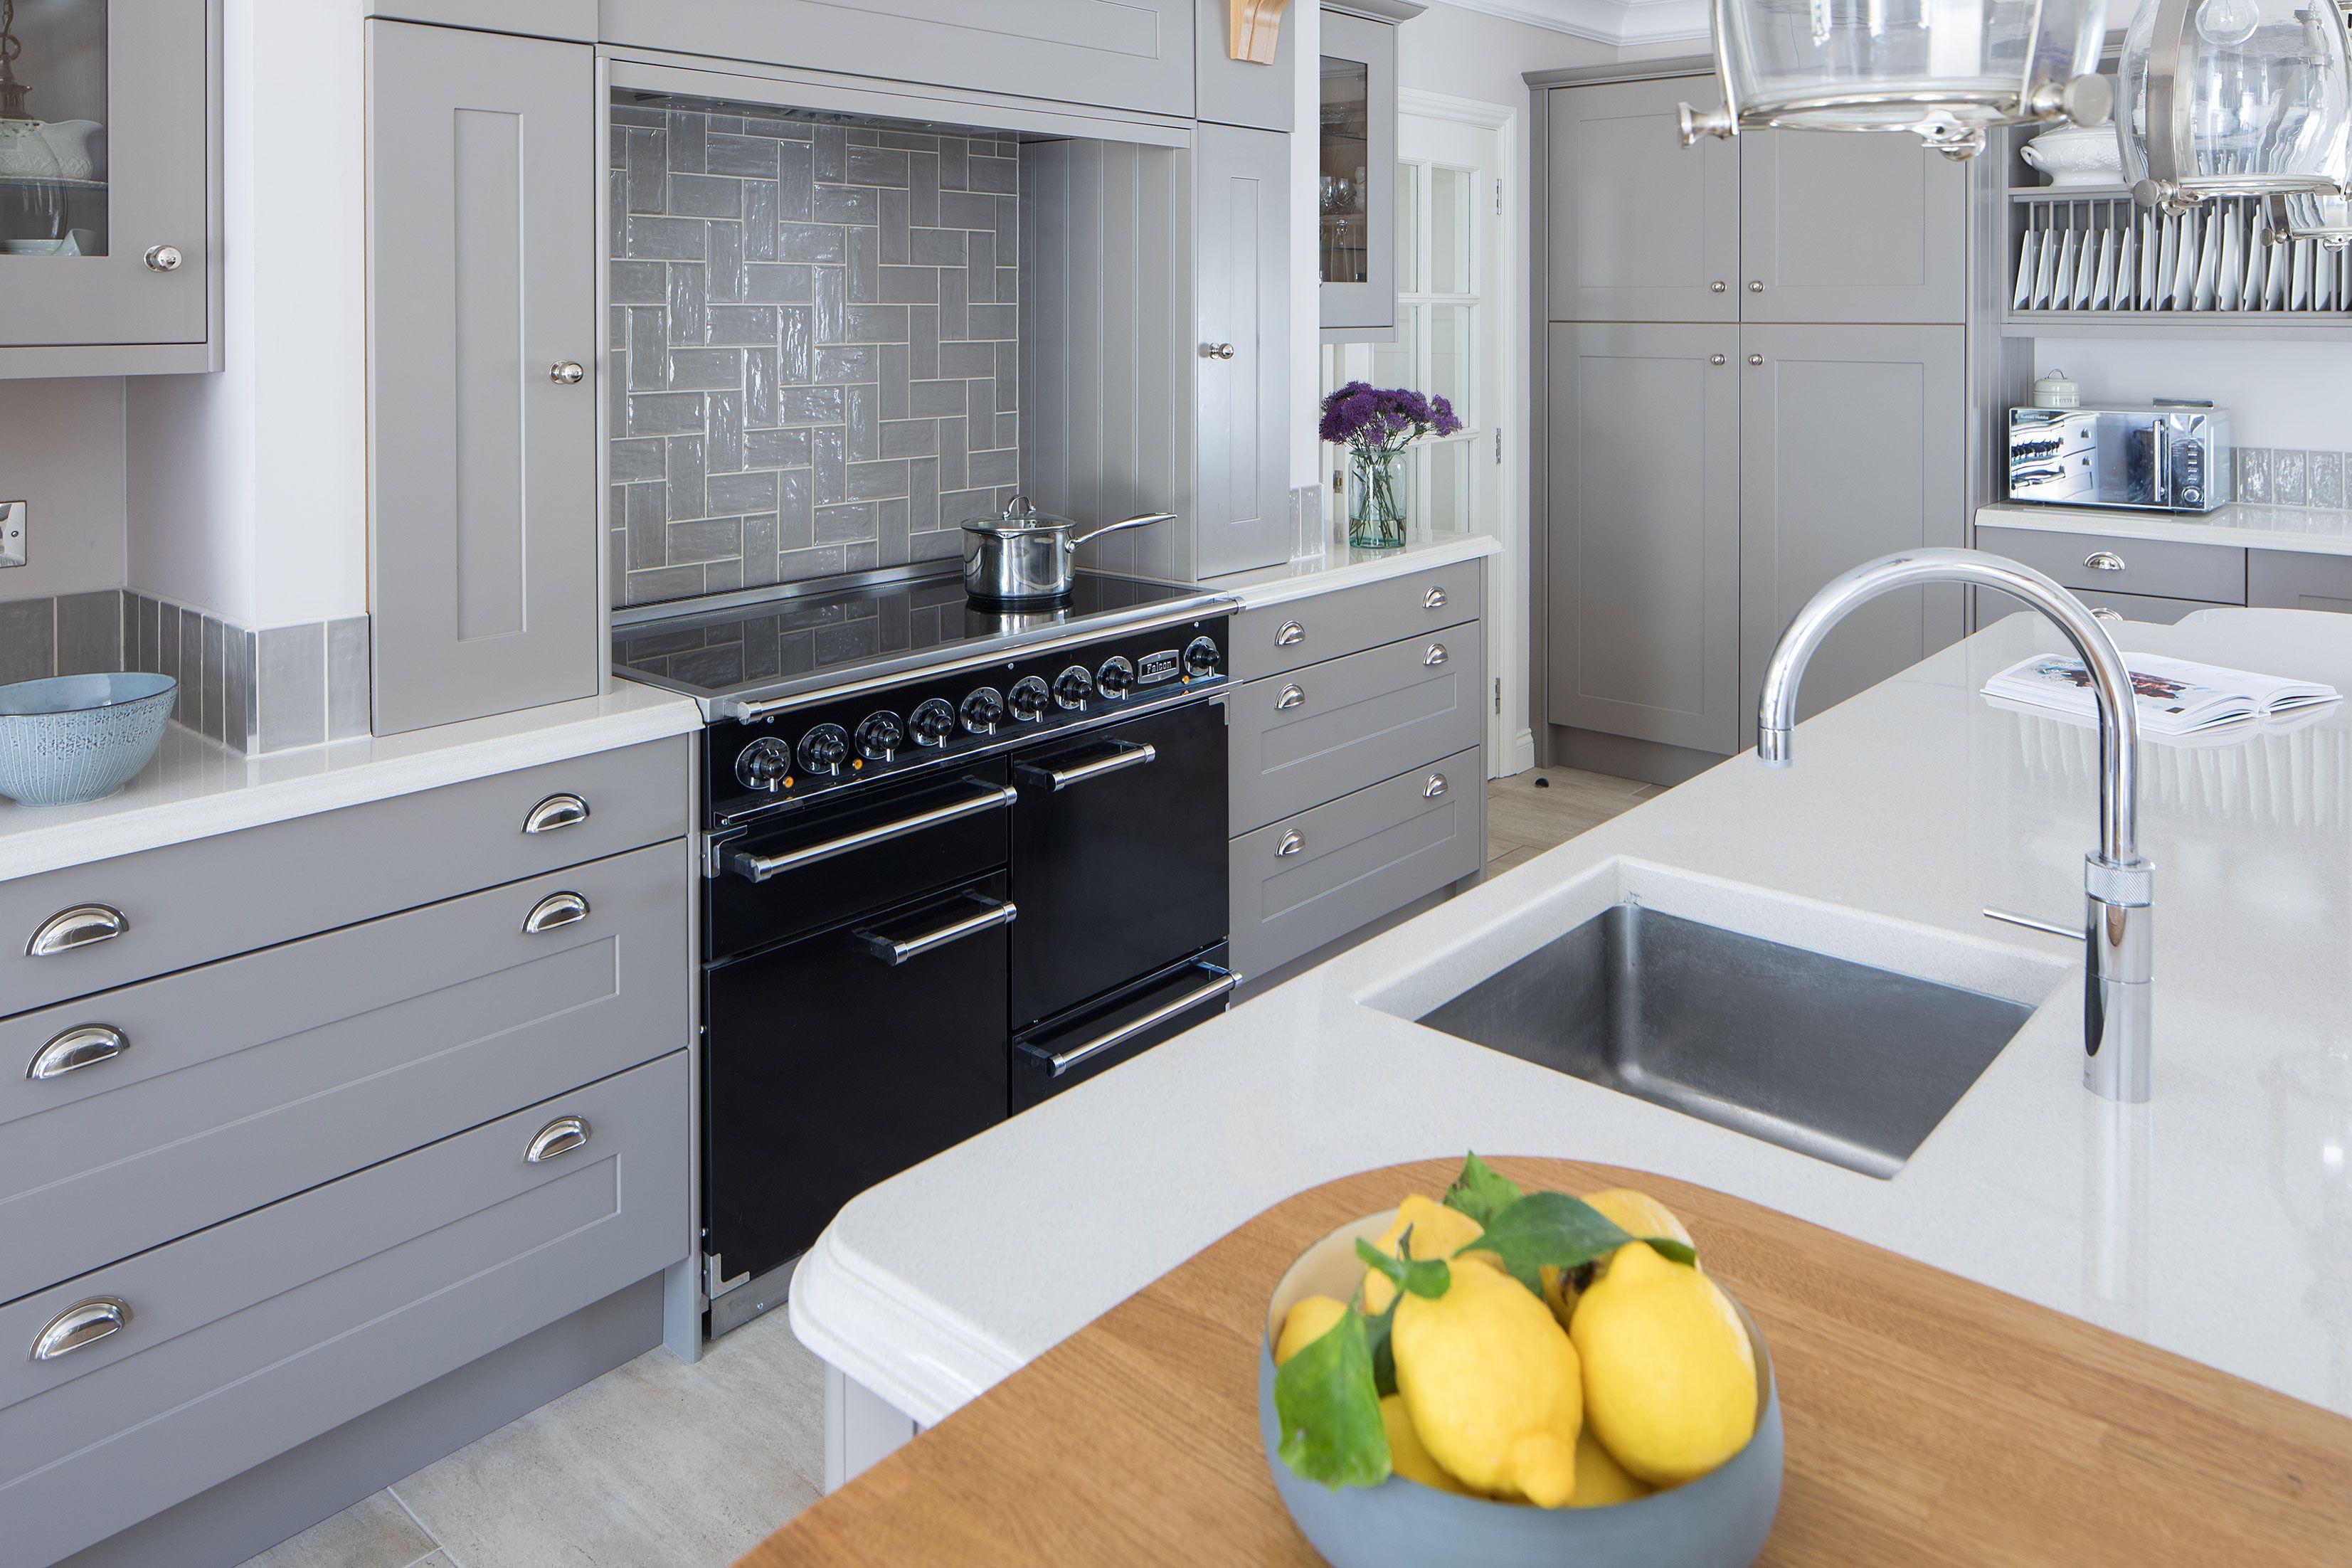 Groß Küche Arttendenzen Galerie - Ideen Für Die Küche Dekoration ...